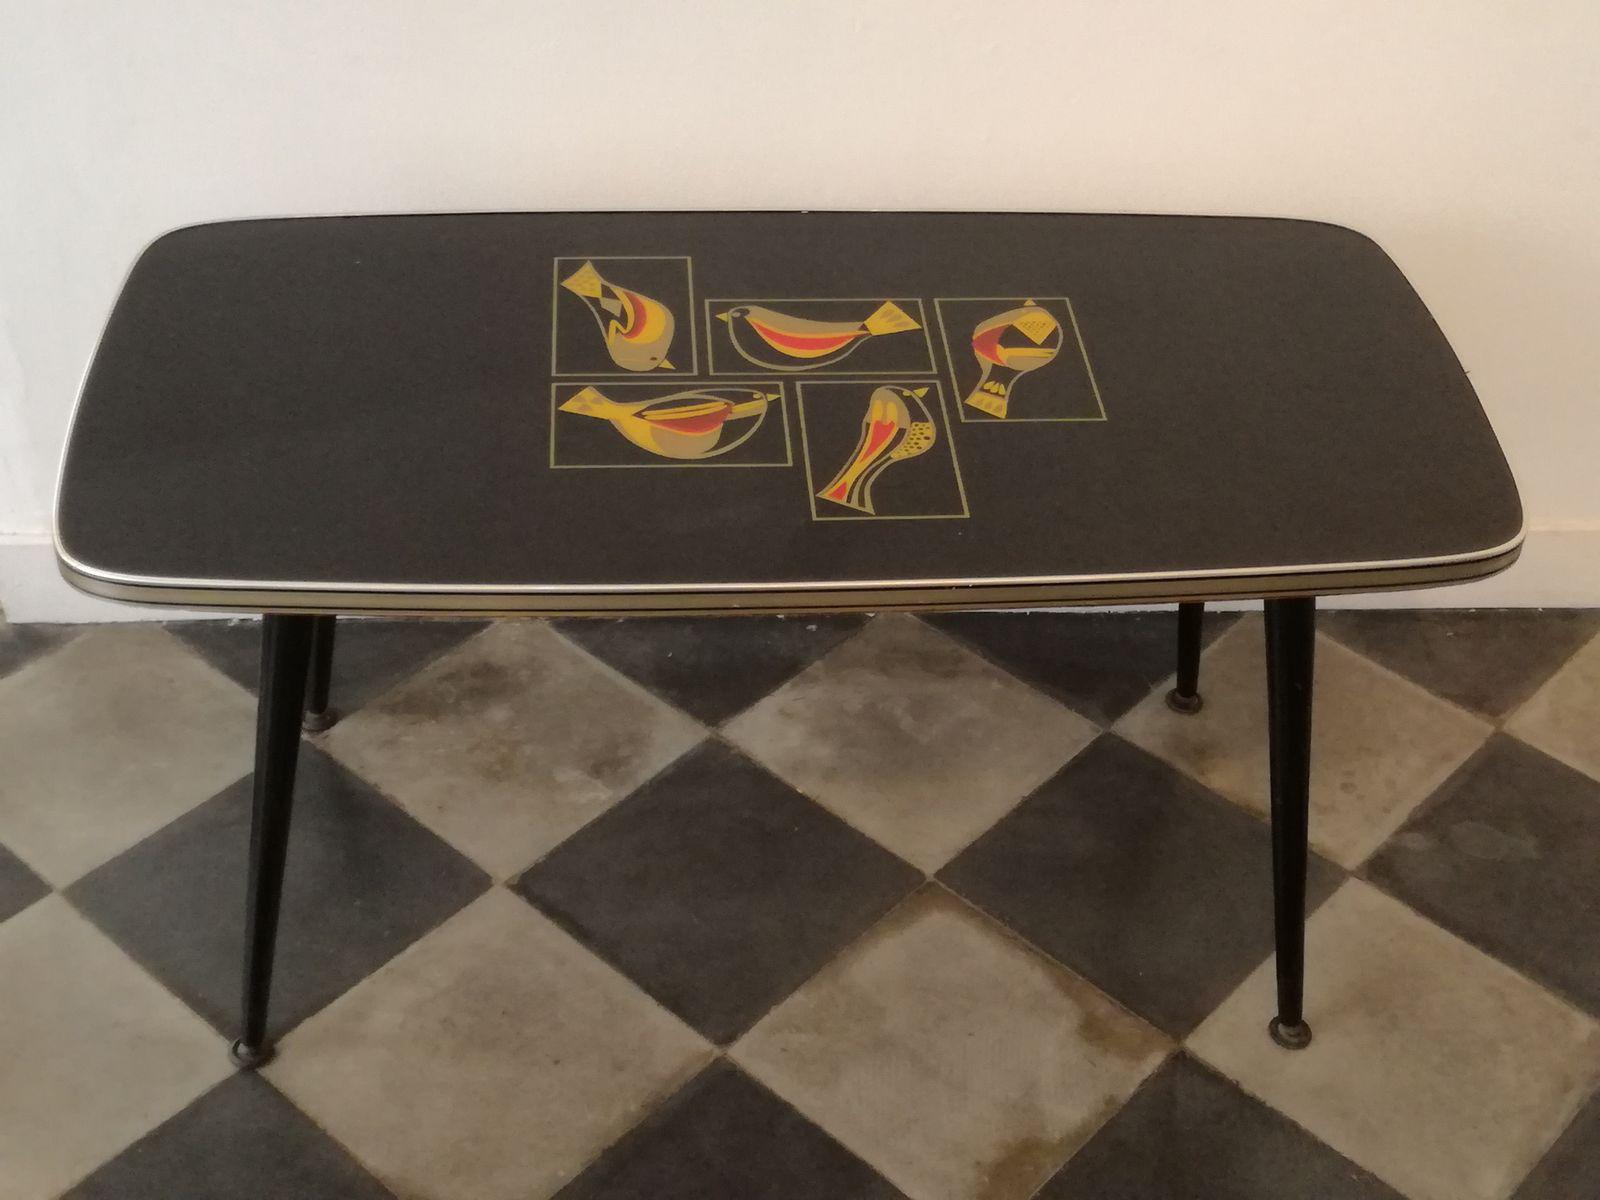 Couchtisch mit Vogel-Motiv, 1950er